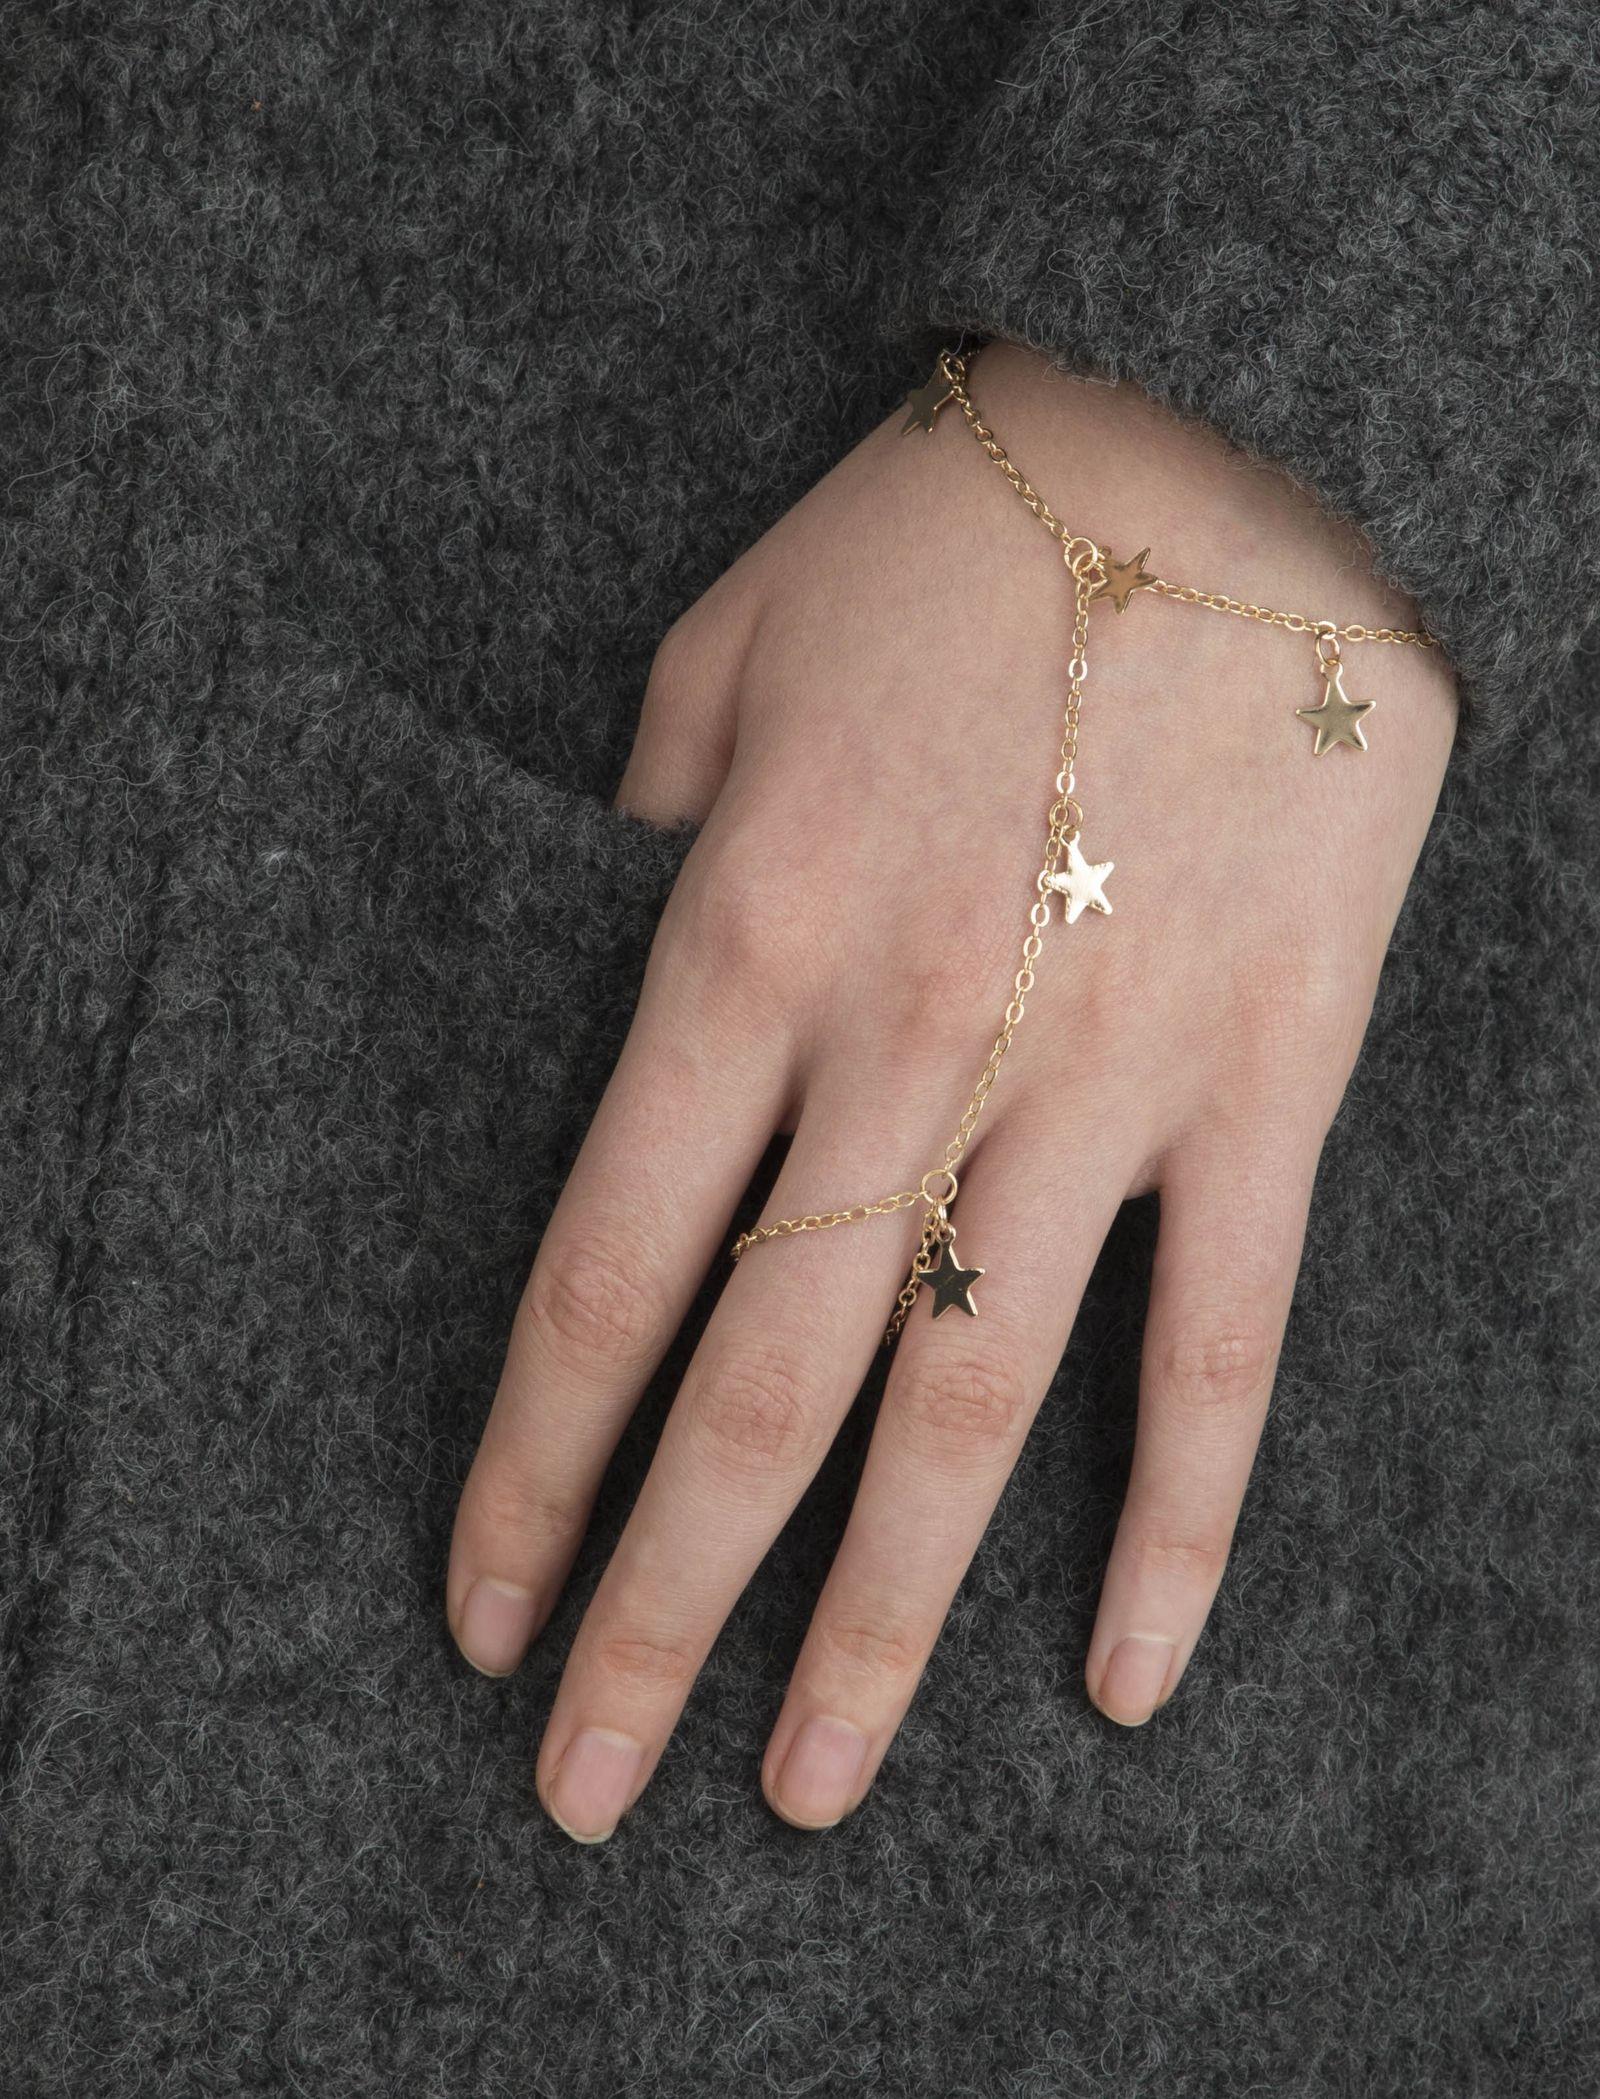 دستبند استیل زنانه - کوتون - طلايي - 4